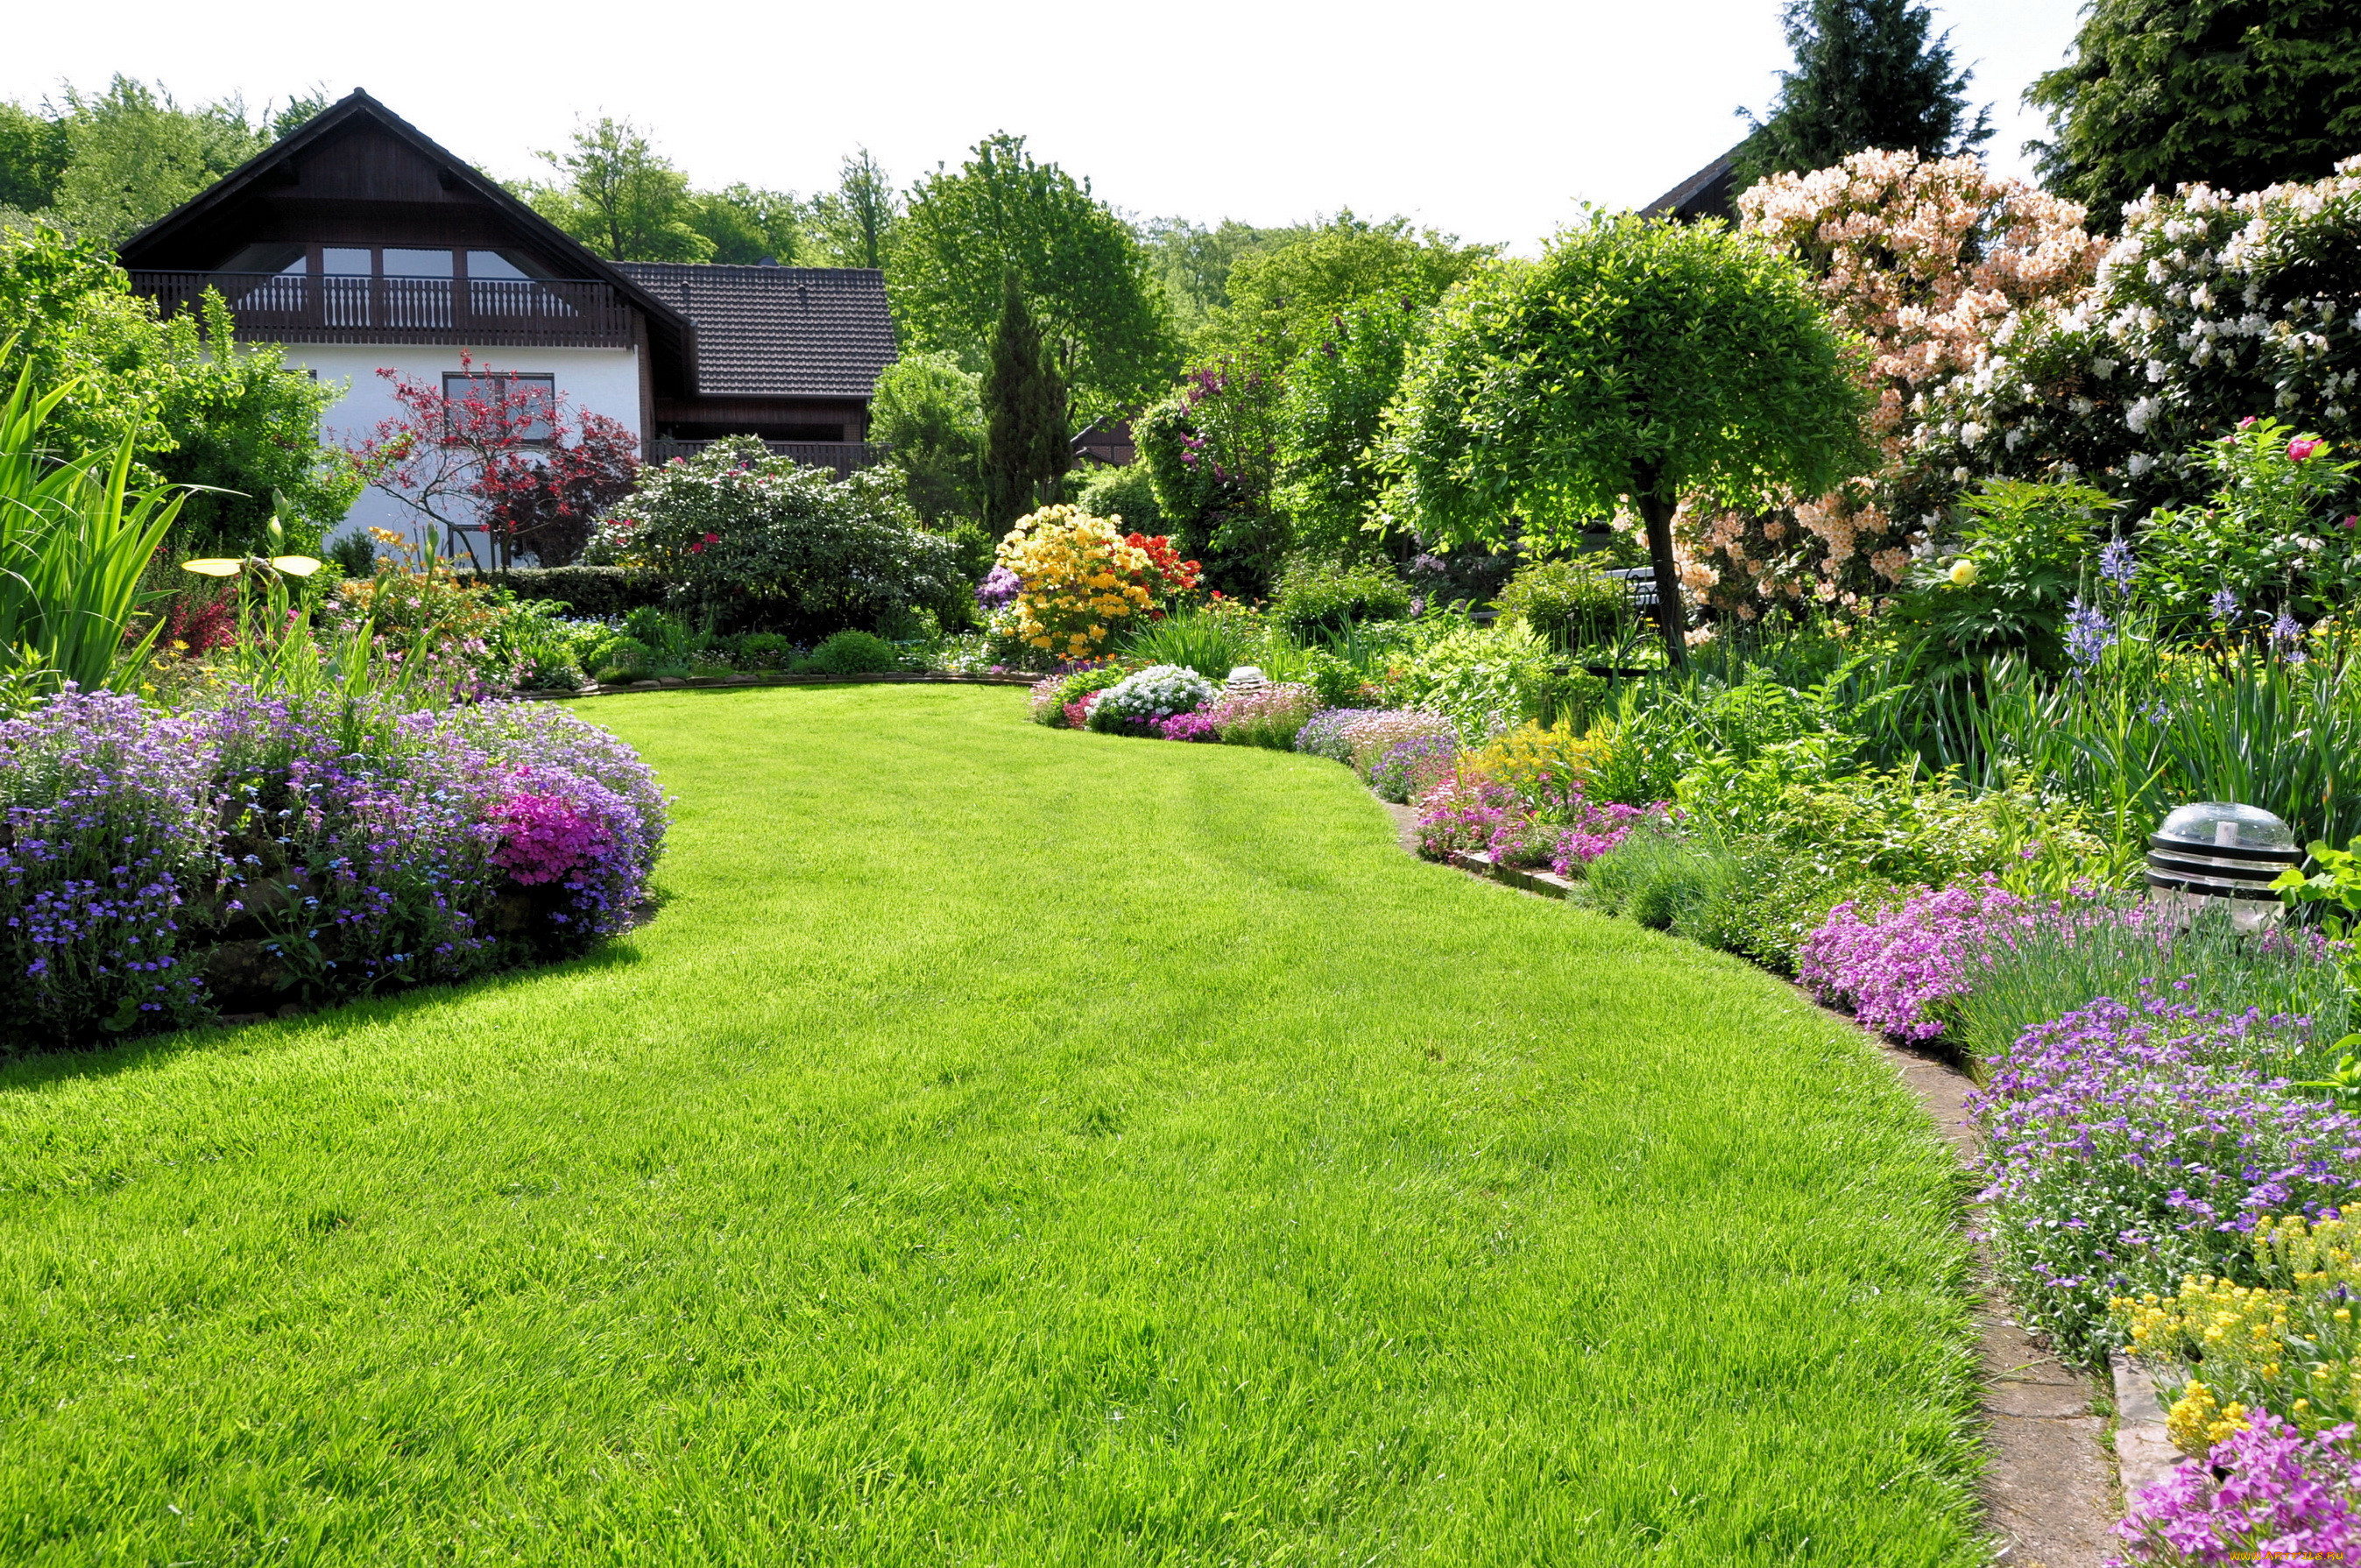 цветочный газон в картинках выбор аппаратов